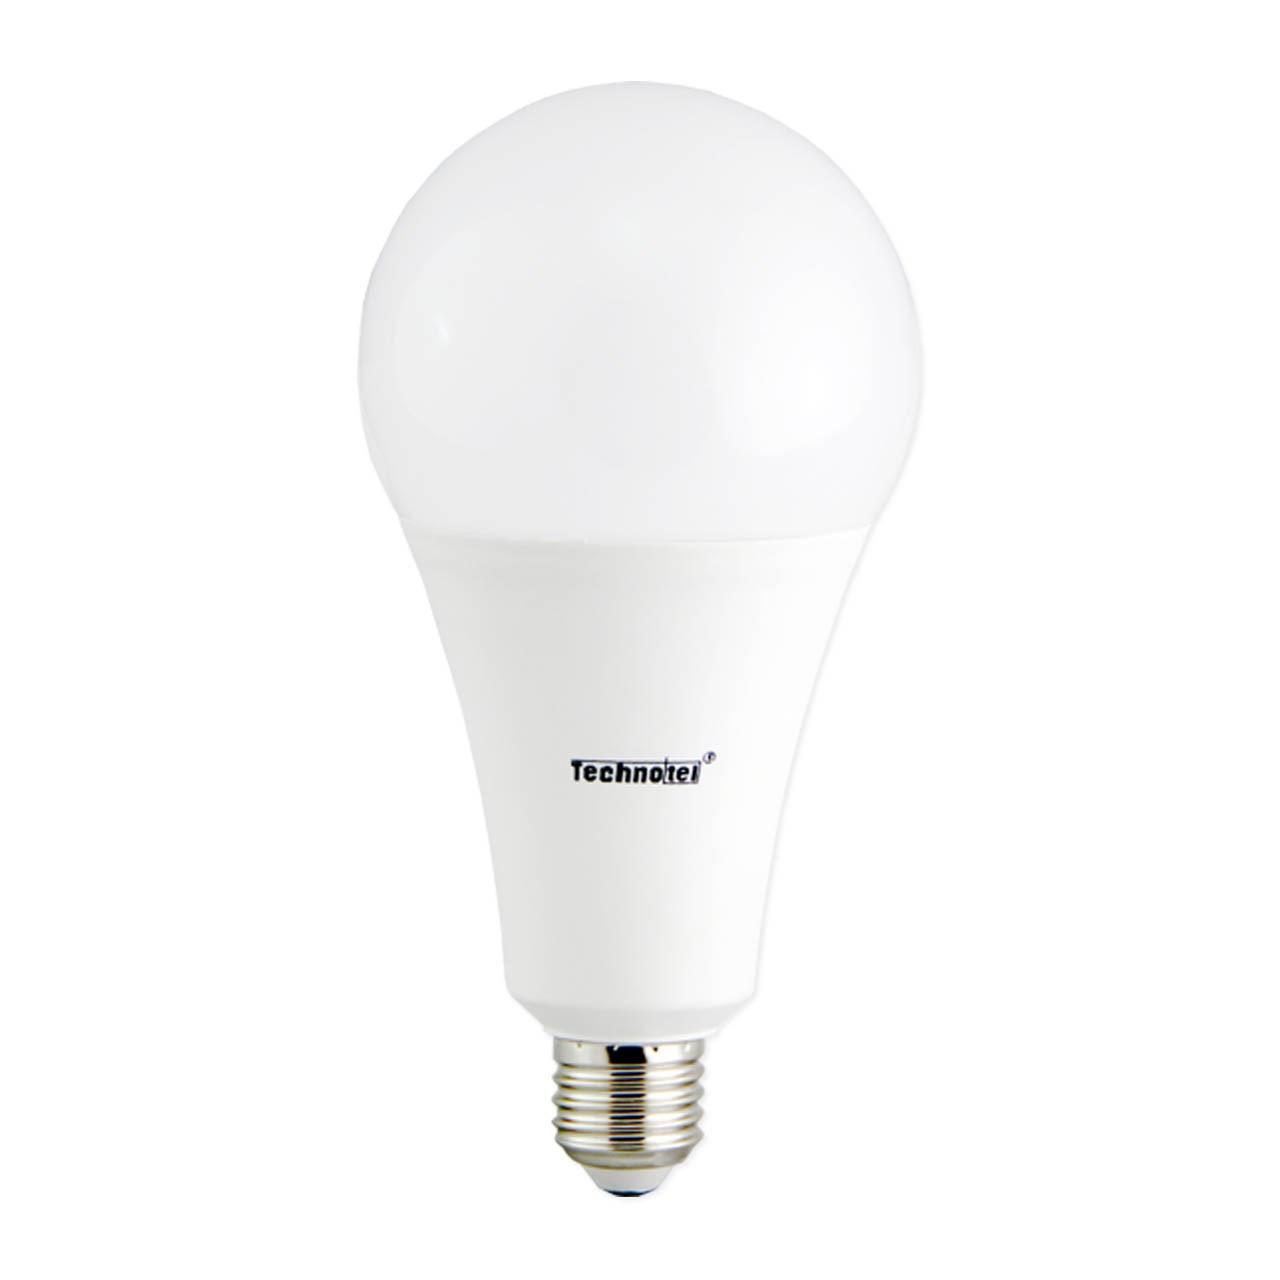 لامپ ال ای دی 25 وات تکنوتل مدل 325 پایه E27